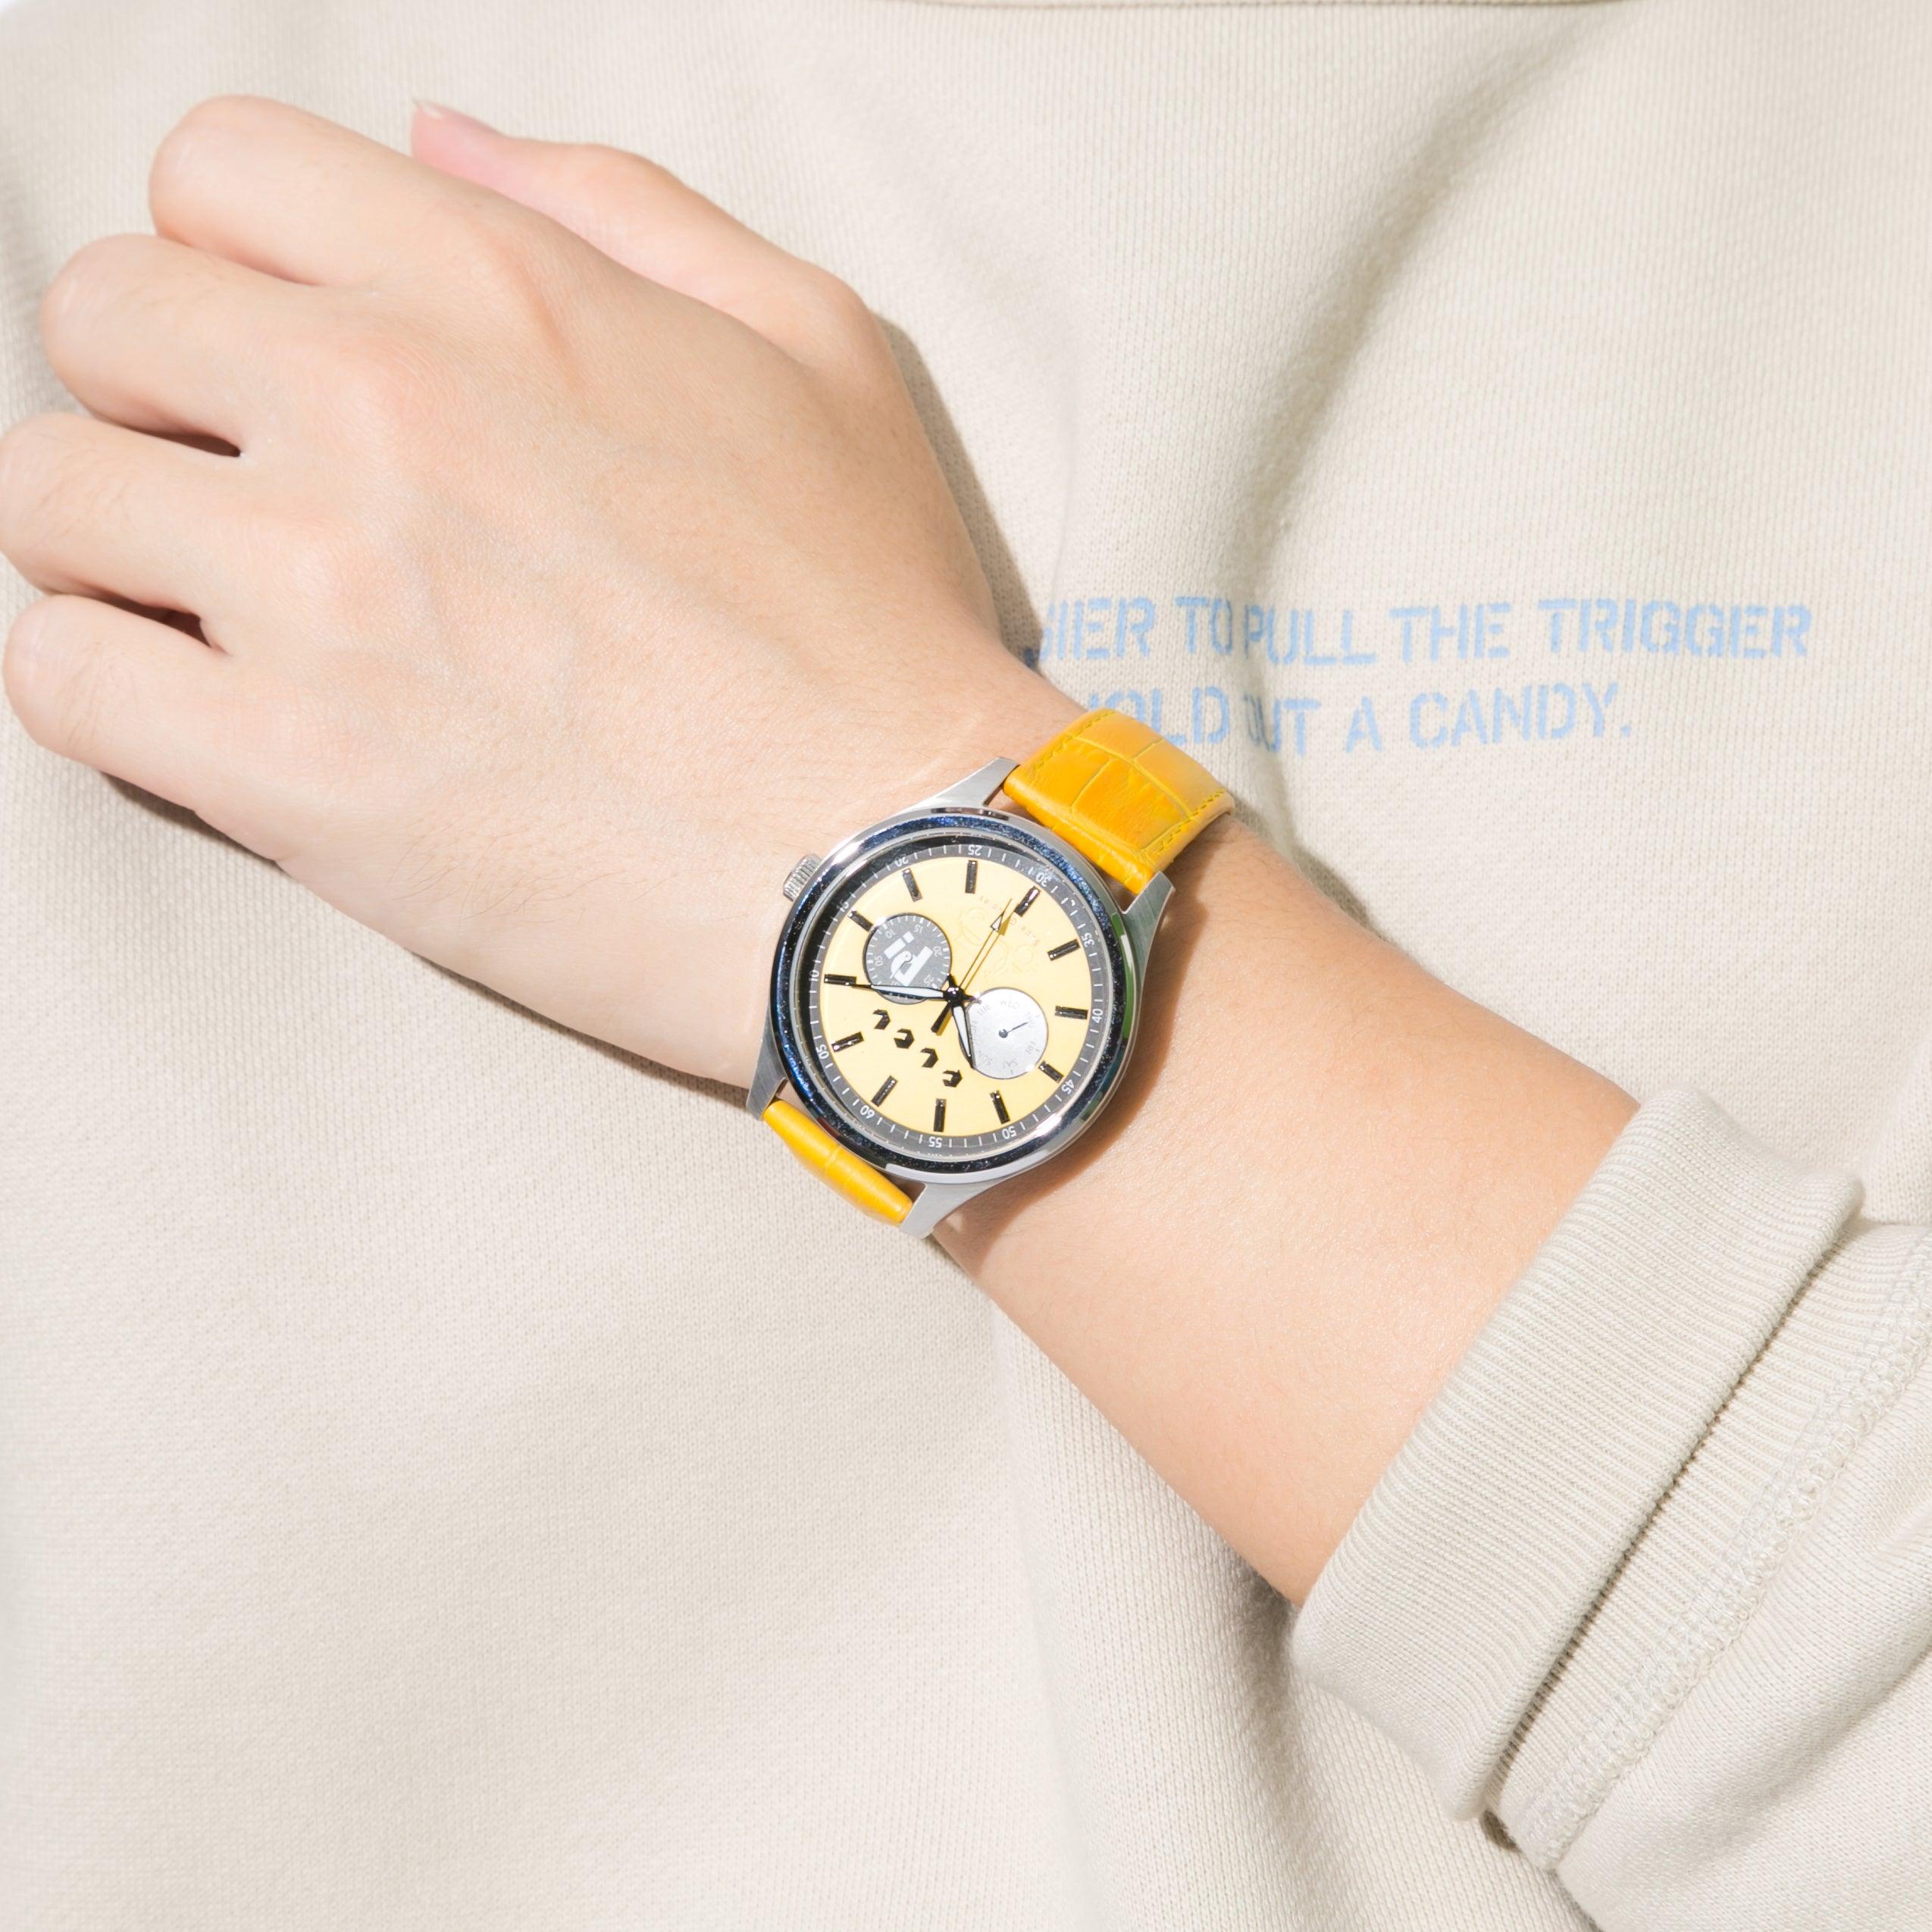 フリクリモデル 腕時計 劇場版フリクリ  プログレ